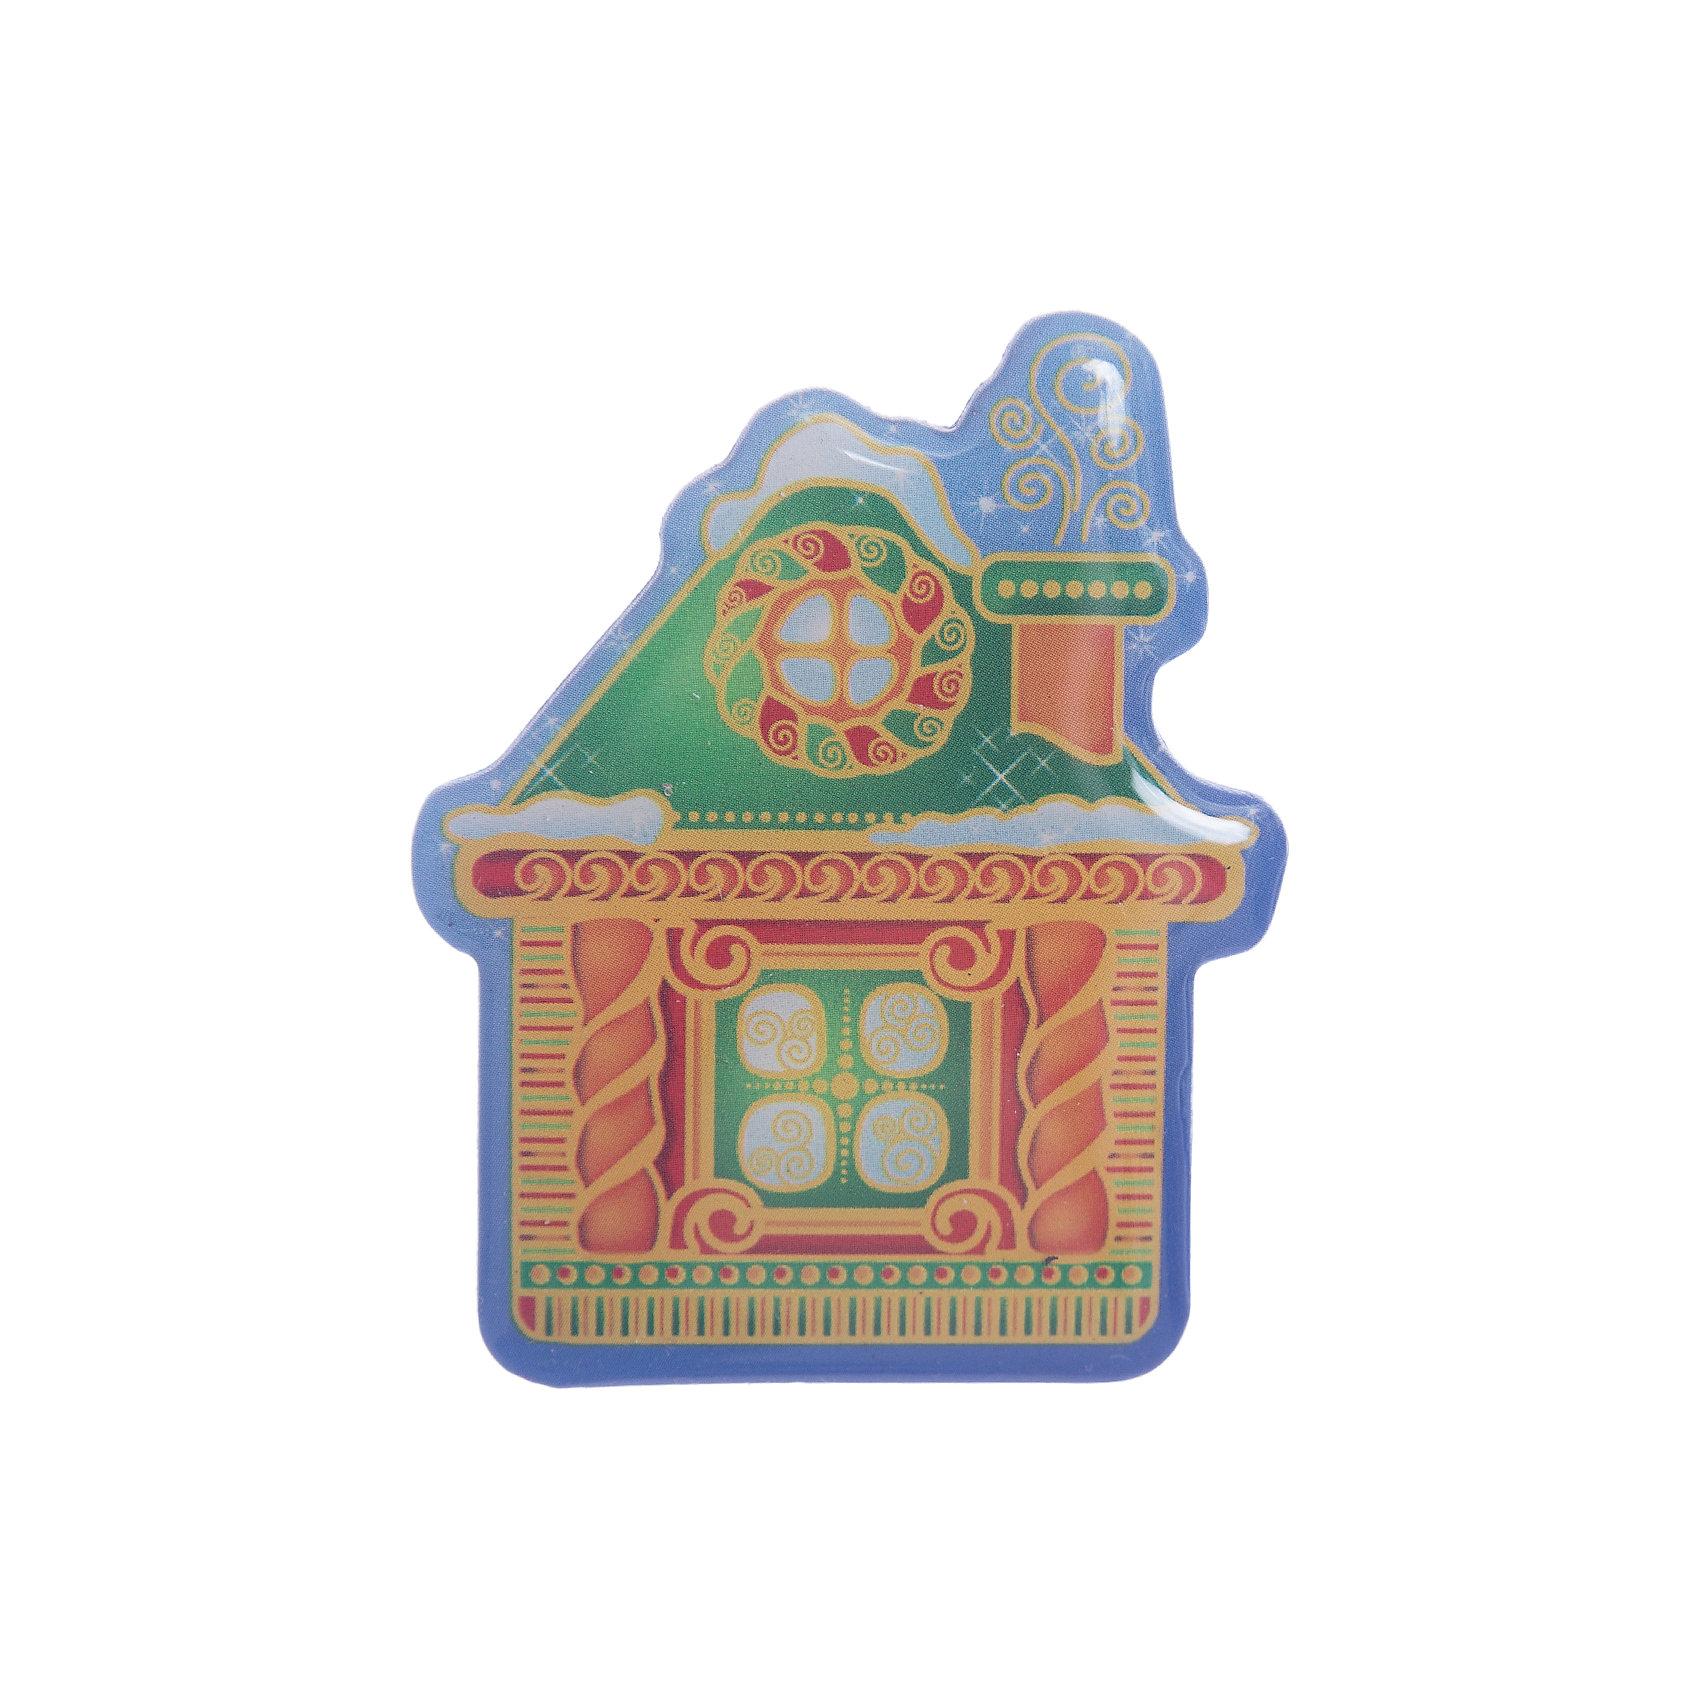 Магнит ДомНовинки Новый Год<br>Магнит – этот новогодний аксессуар отличный мини-презент для друзей и близких.<br>Магнит послужит не только хорошим дополнением к основному подарку, но и прекрасным украшением любой плоской металлической поверхности. Магнит выполнен в виде сказочного домика. Магнит вызывает исключительно положительные эмоции и создает праздничную атмосферу в доме.<br><br>Дополнительная информация:<br><br>- Размер: 6,5 х 5,5 см.<br>- Материал: агломерированный феррит<br><br>Магнит можно купить в нашем интернет-магазине.<br><br>Ширина мм: 75<br>Глубина мм: 65<br>Высота мм: 10<br>Вес г: 40<br>Возраст от месяцев: 36<br>Возраст до месяцев: 2147483647<br>Пол: Унисекс<br>Возраст: Детский<br>SKU: 4276477